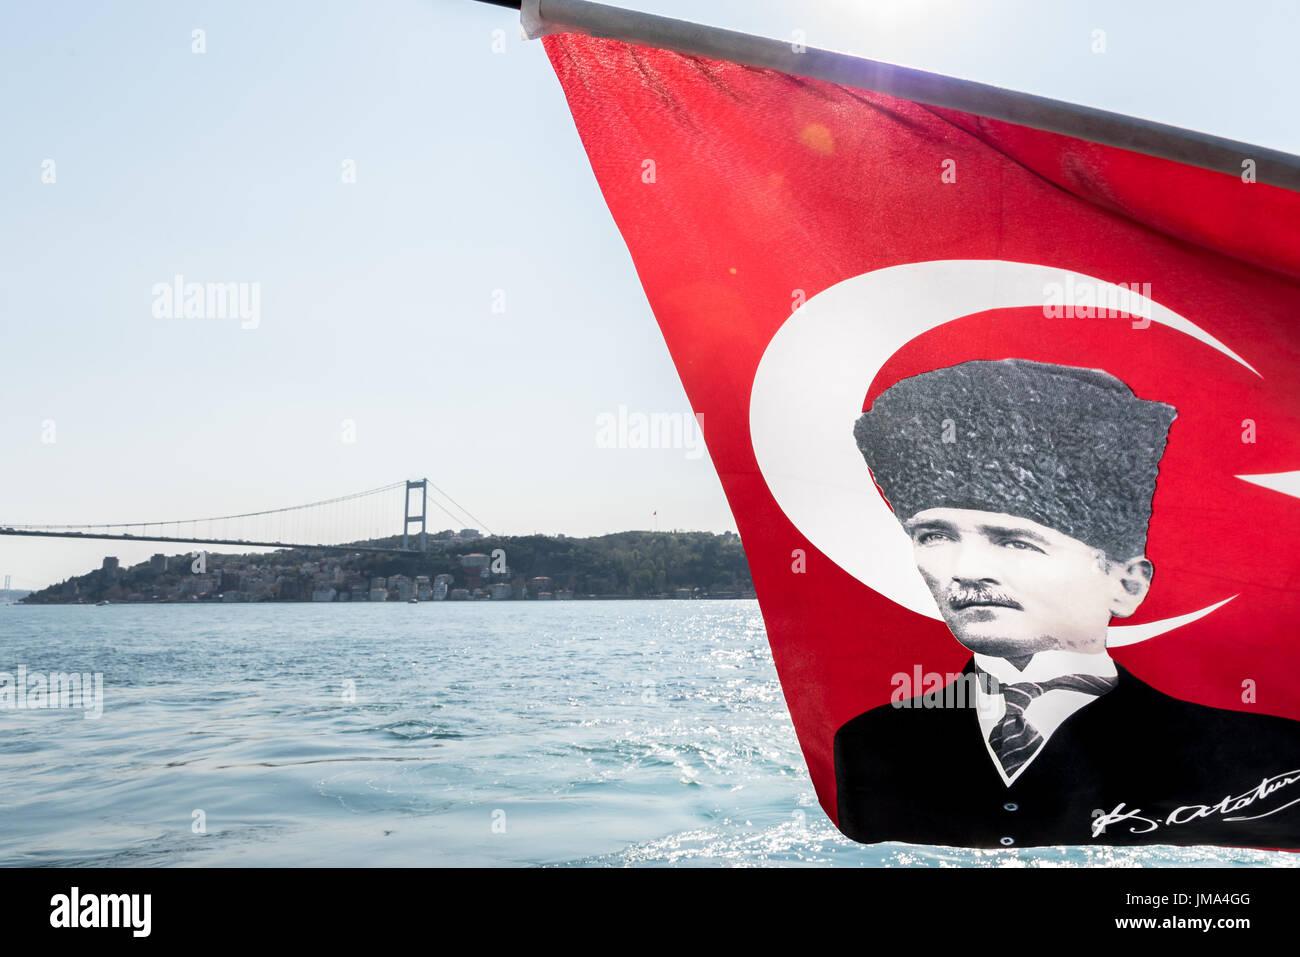 Vue du Bosphore, côte et mer baie du ferry avec drapeau turc sur la photo d'Ataturk(Père des Turcs)agitant au vent, Beykoz à Istanbul Photo Stock